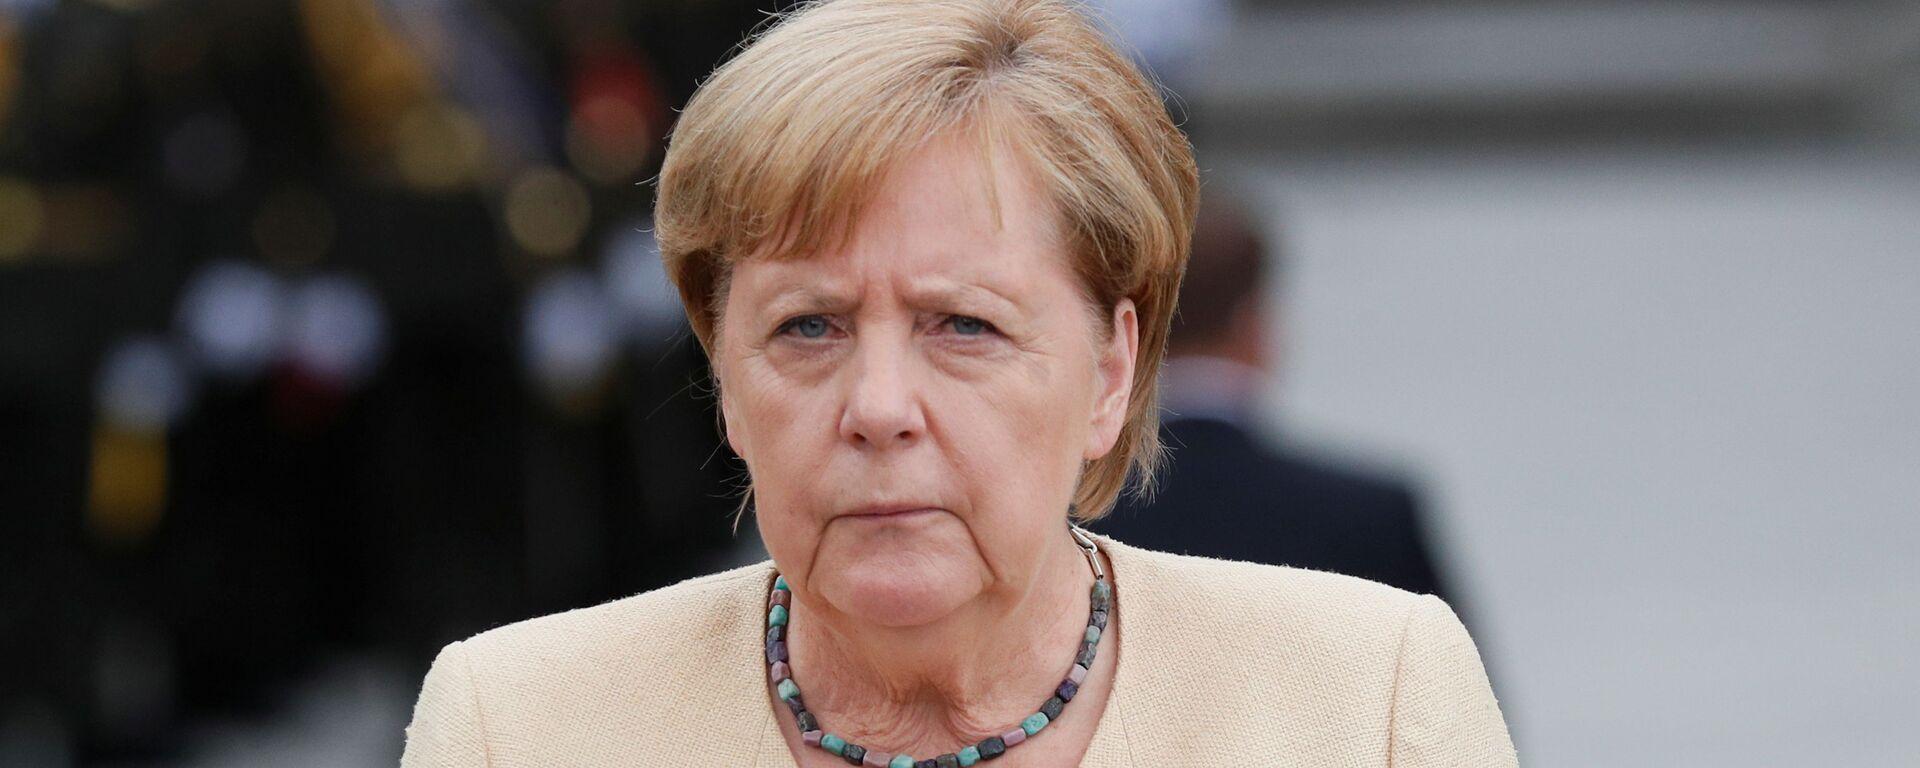 Německá kancléřka Merkelová v Kyjevě - Sputnik Česká republika, 1920, 19.09.2021